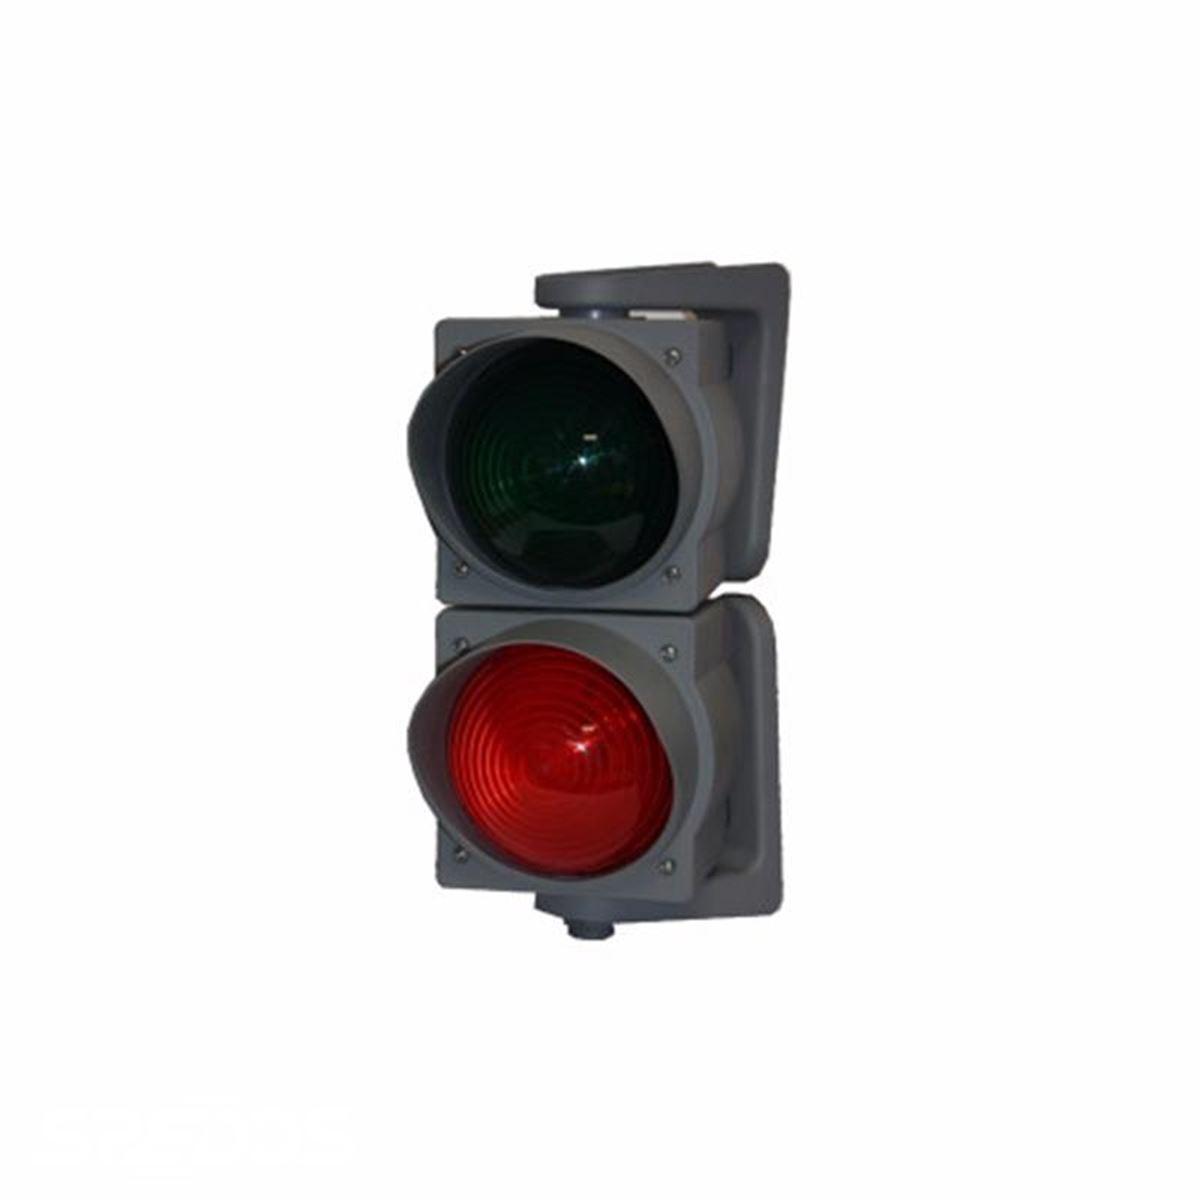 semafory k vyrovnávacím můstkům